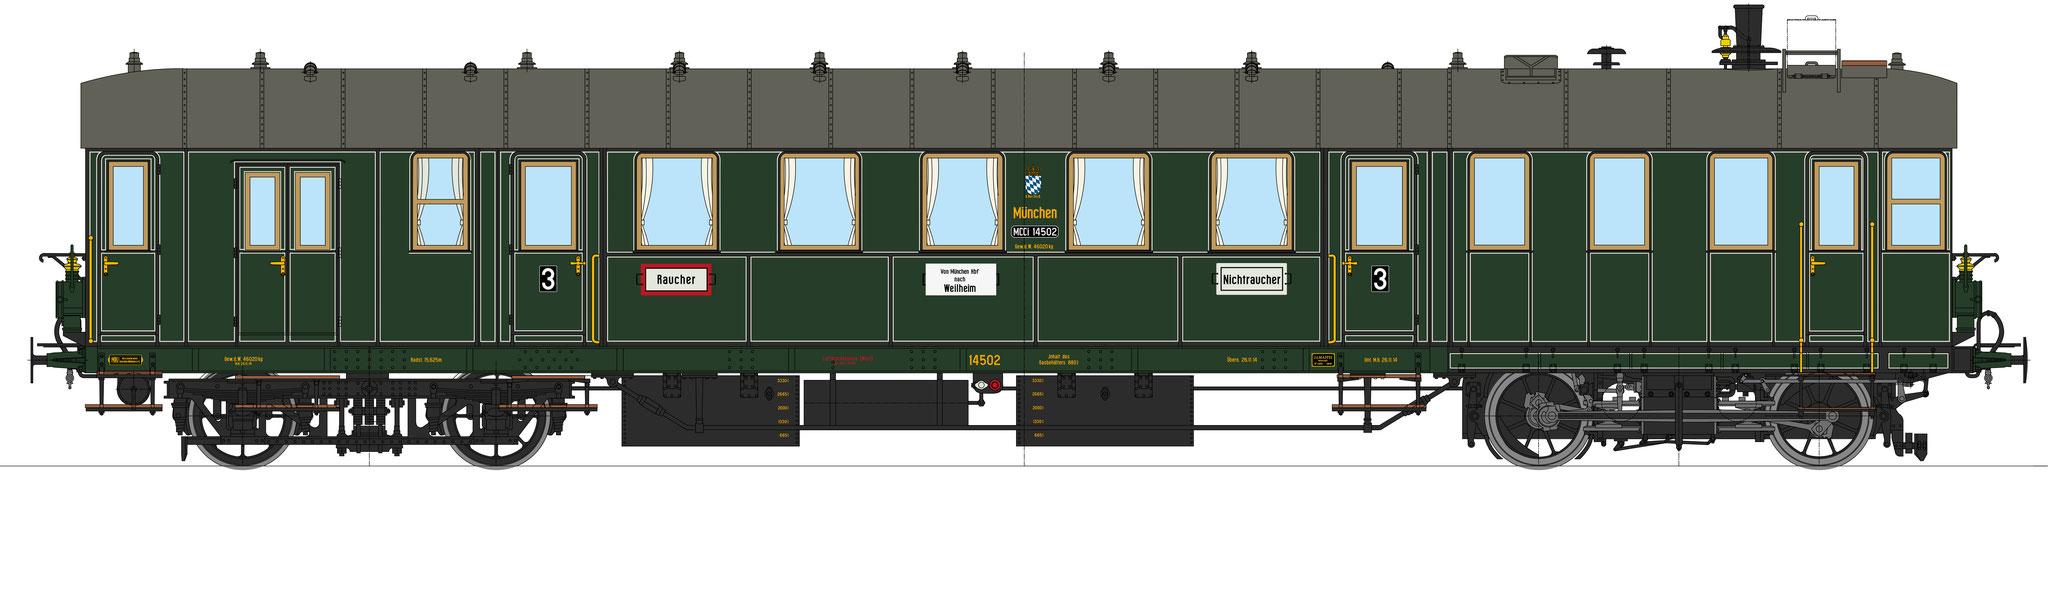 Best.-Nr. 11042, Lok-Nr. 14502, grün, Bauzustand 1914